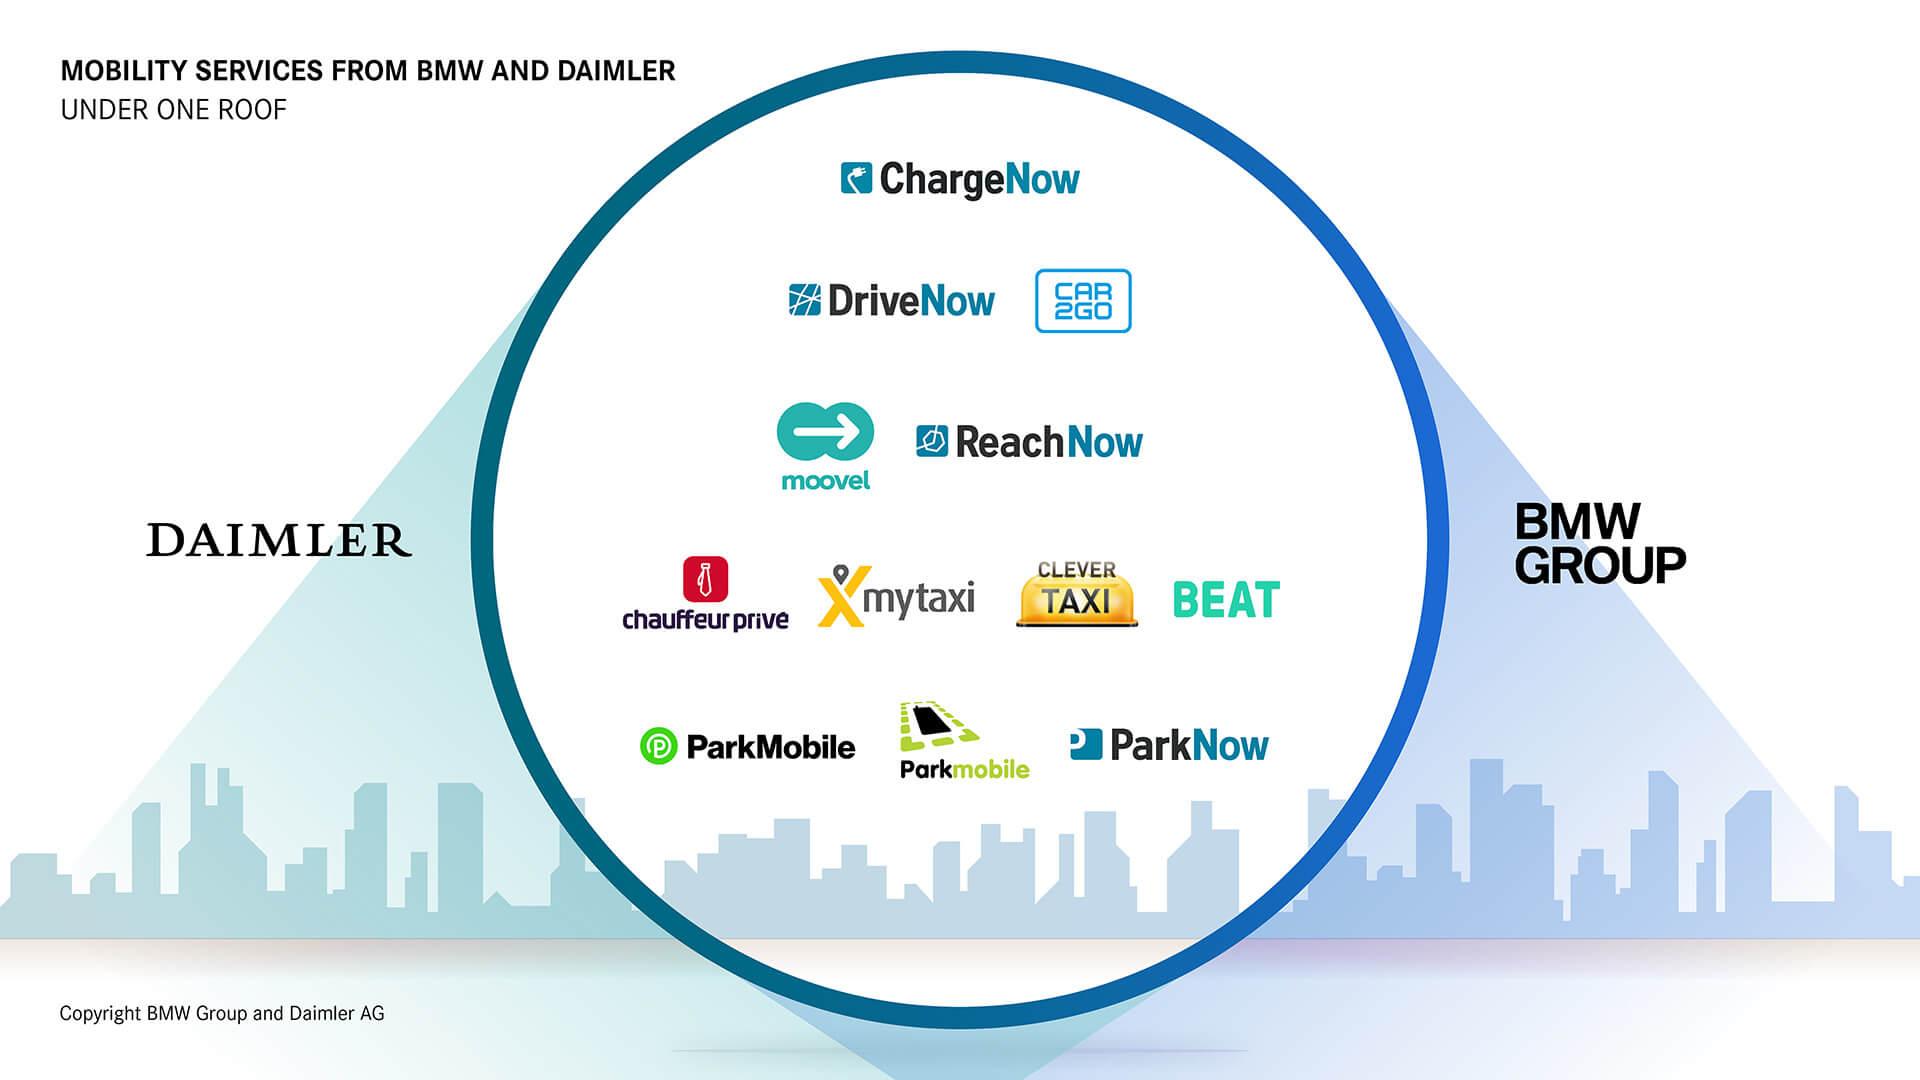 BMW Group и Daimler AG объединяются для мобильных решений